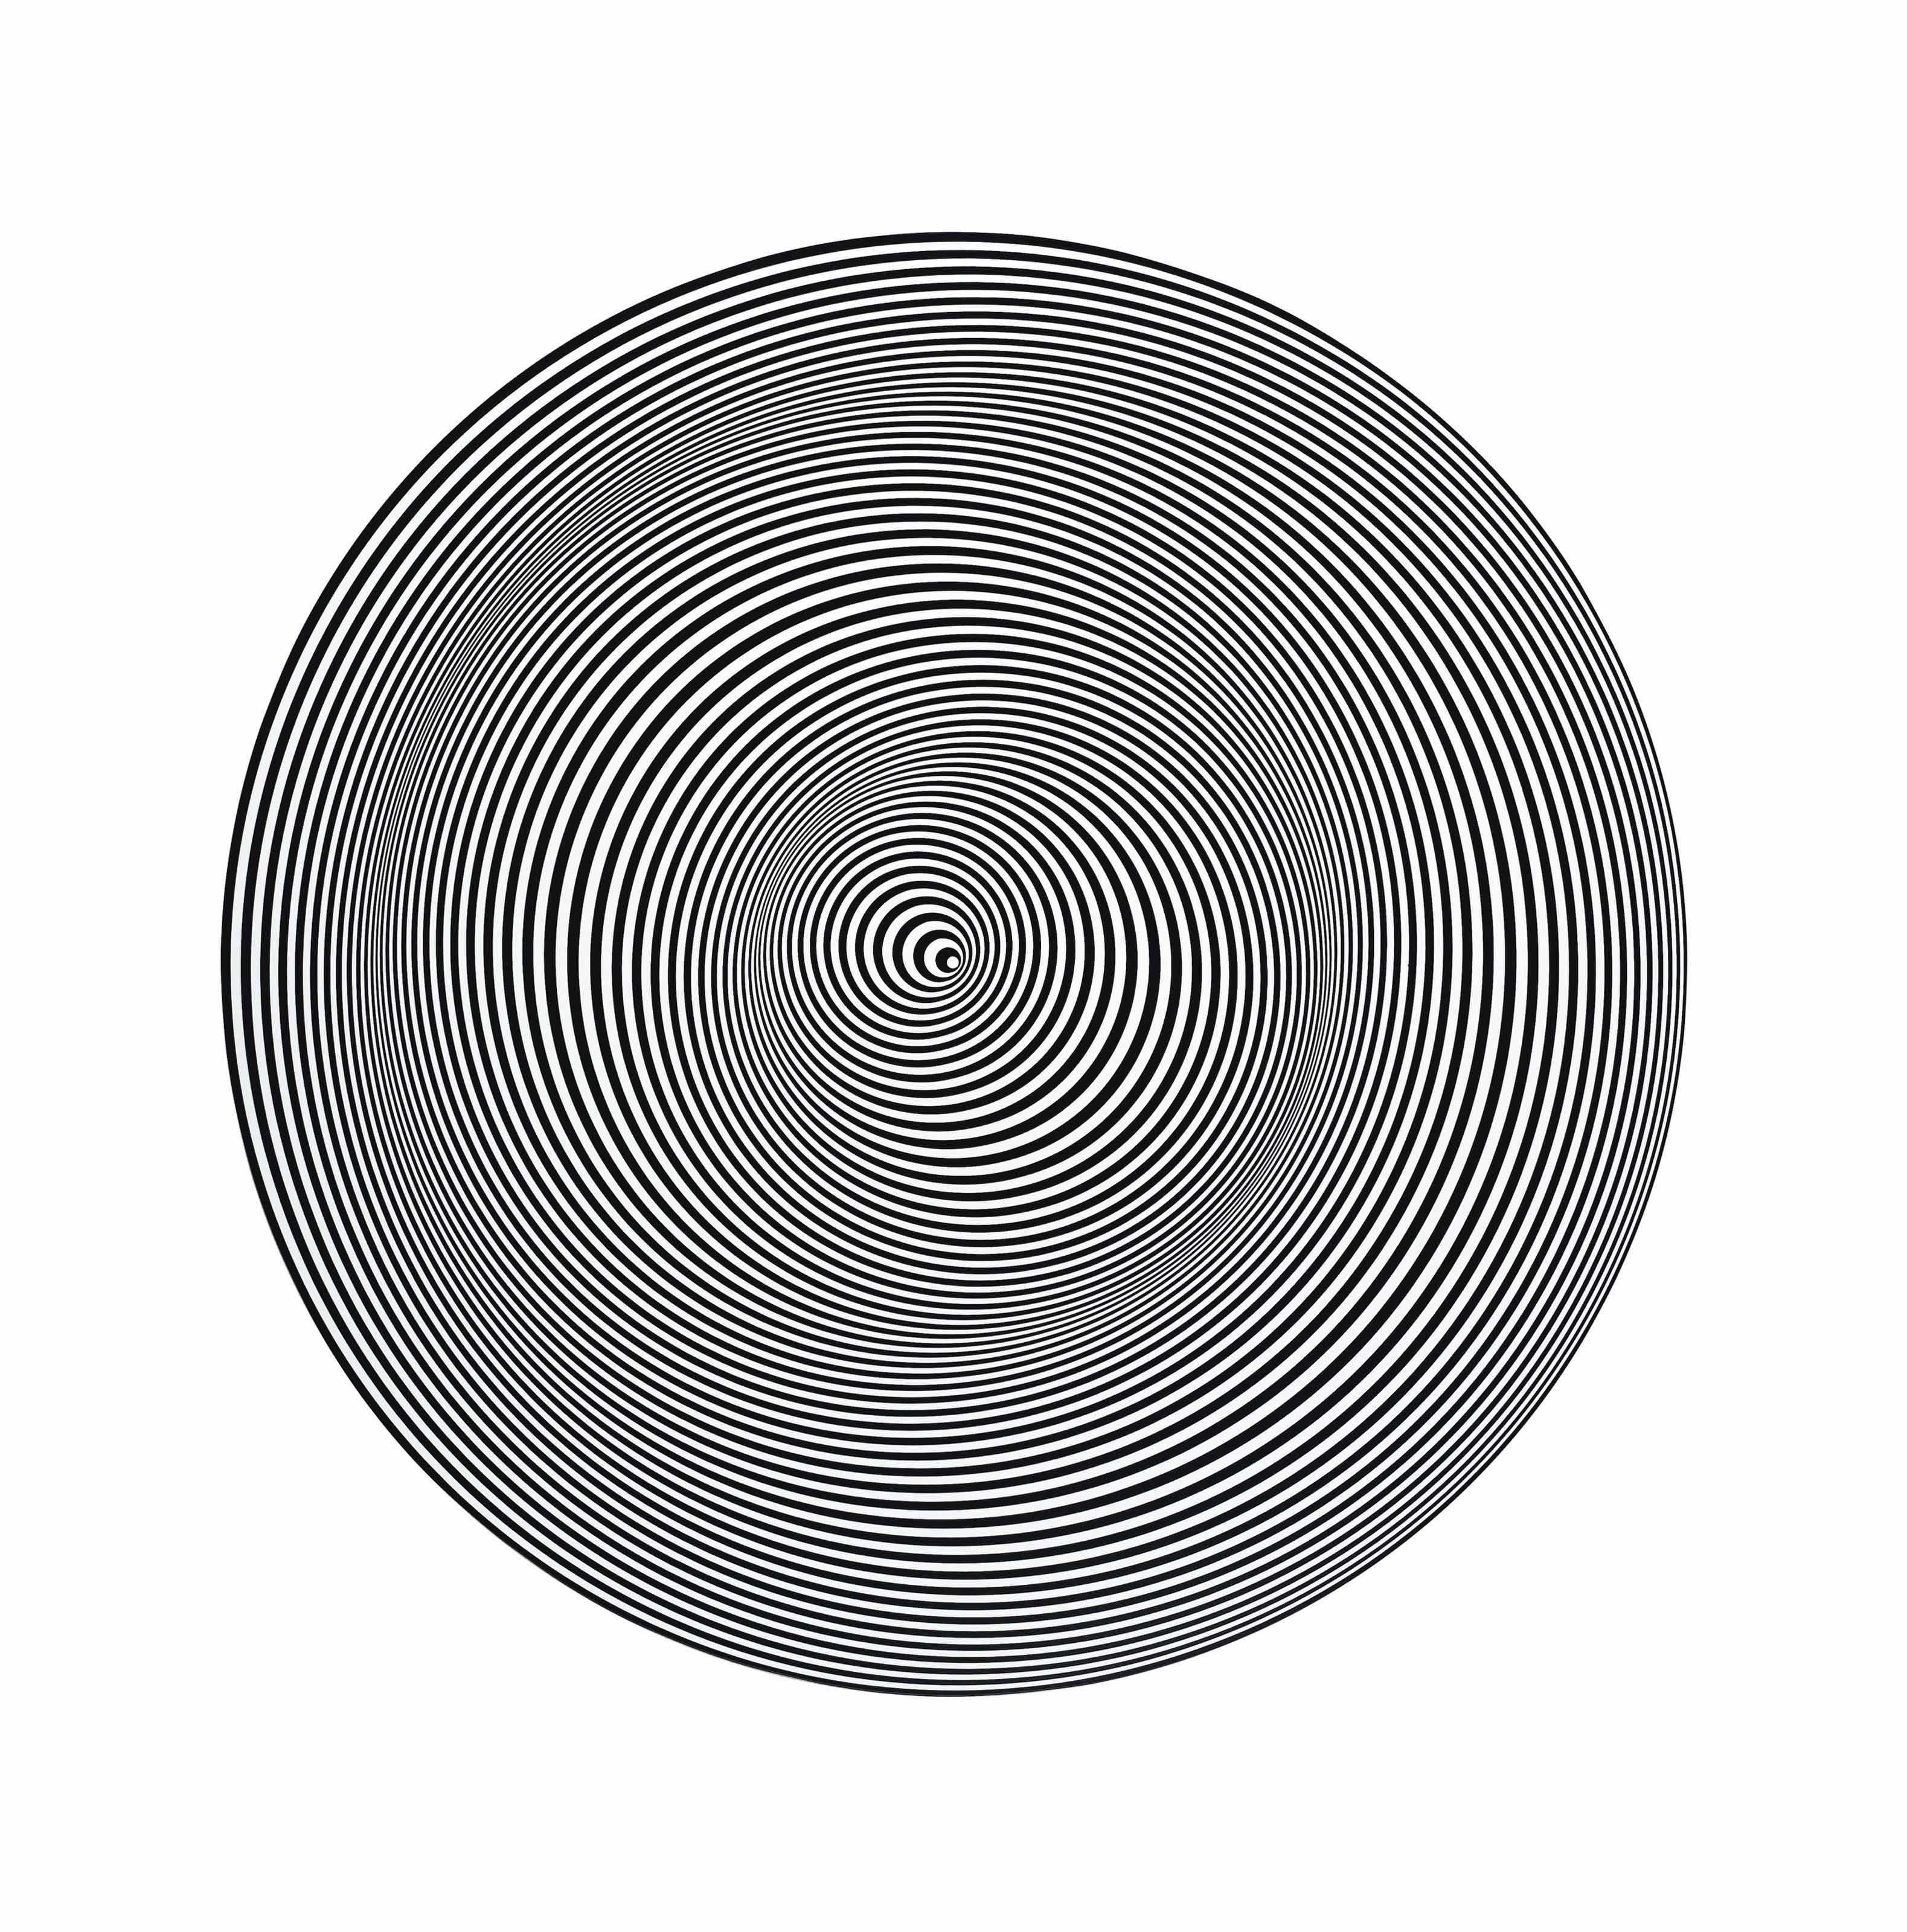 Dinamica circolare s4 (Circular dynamic s4)